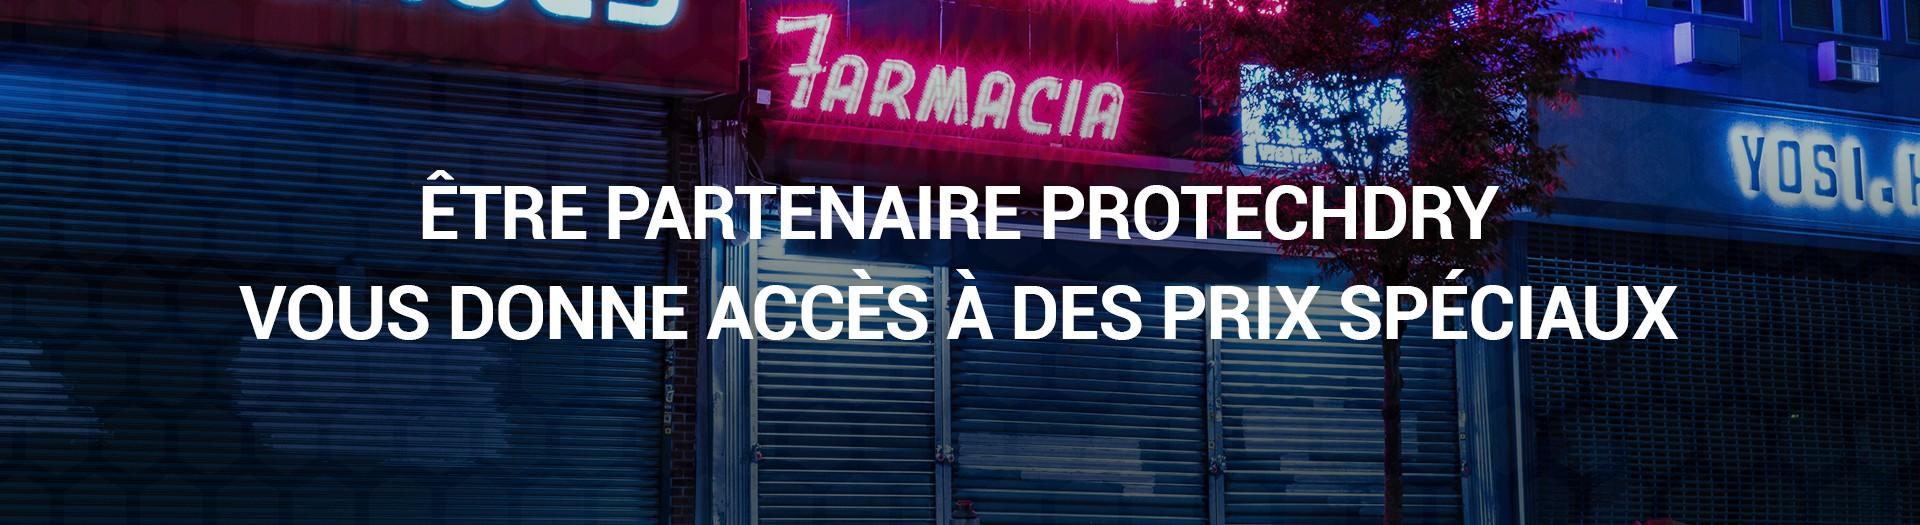 Devenez partenaire de ProtechDry et accédez à des prix spéciaux! | Pharmacies, orthopédie, magasins